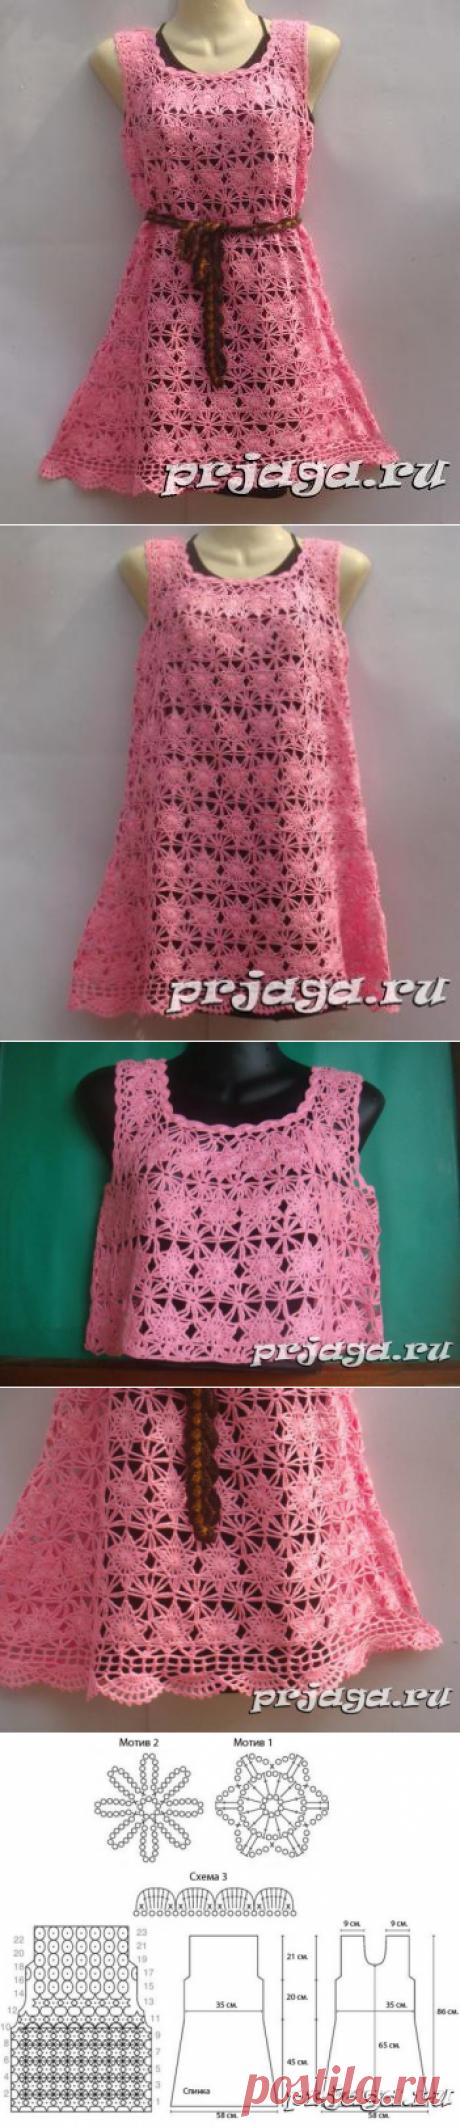 Платья крючком схемы от Nako